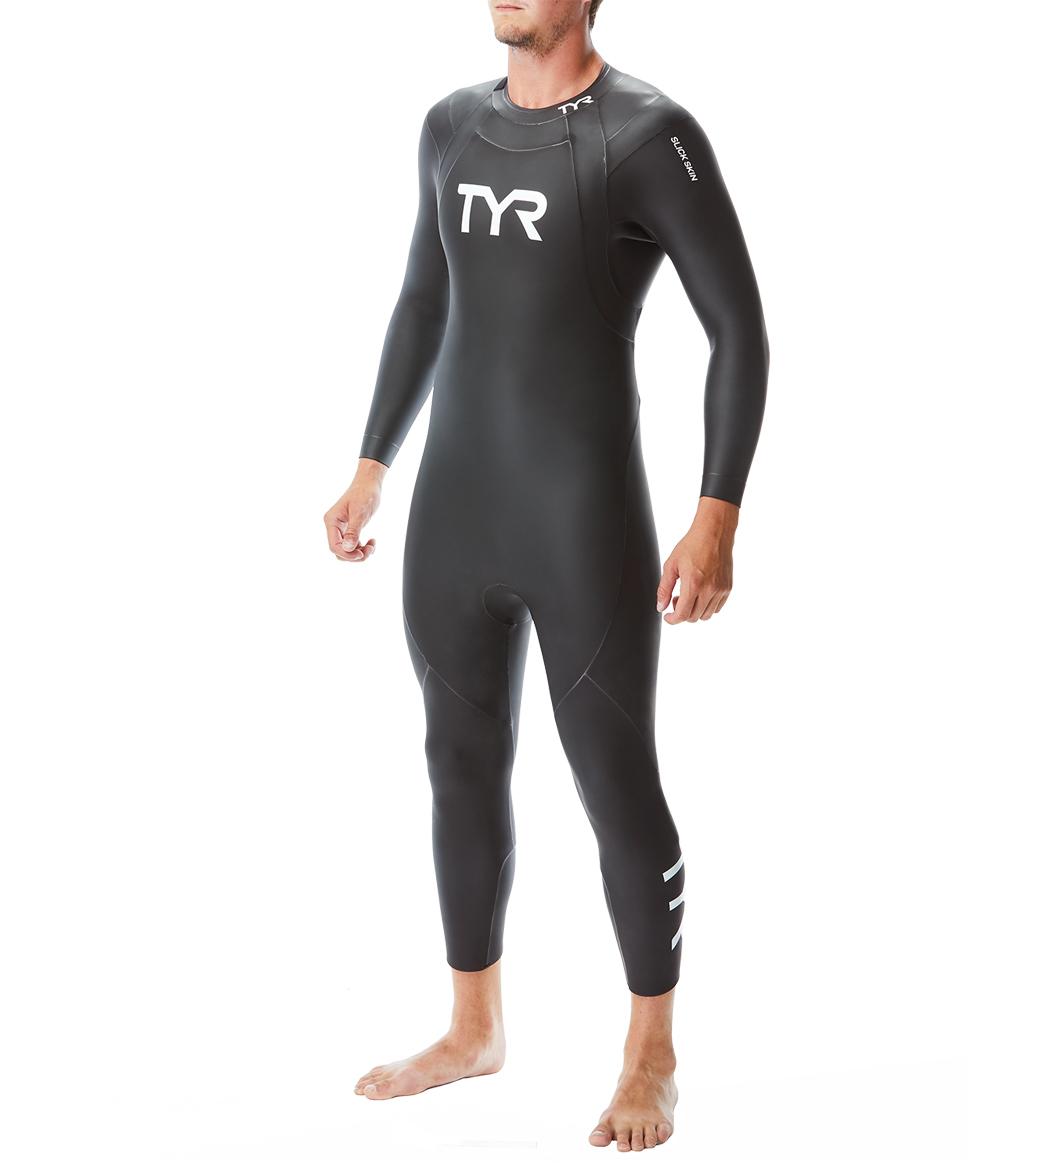 TYR Hurricane Cat 1 Fullsleeve Triathlon Wetsuit